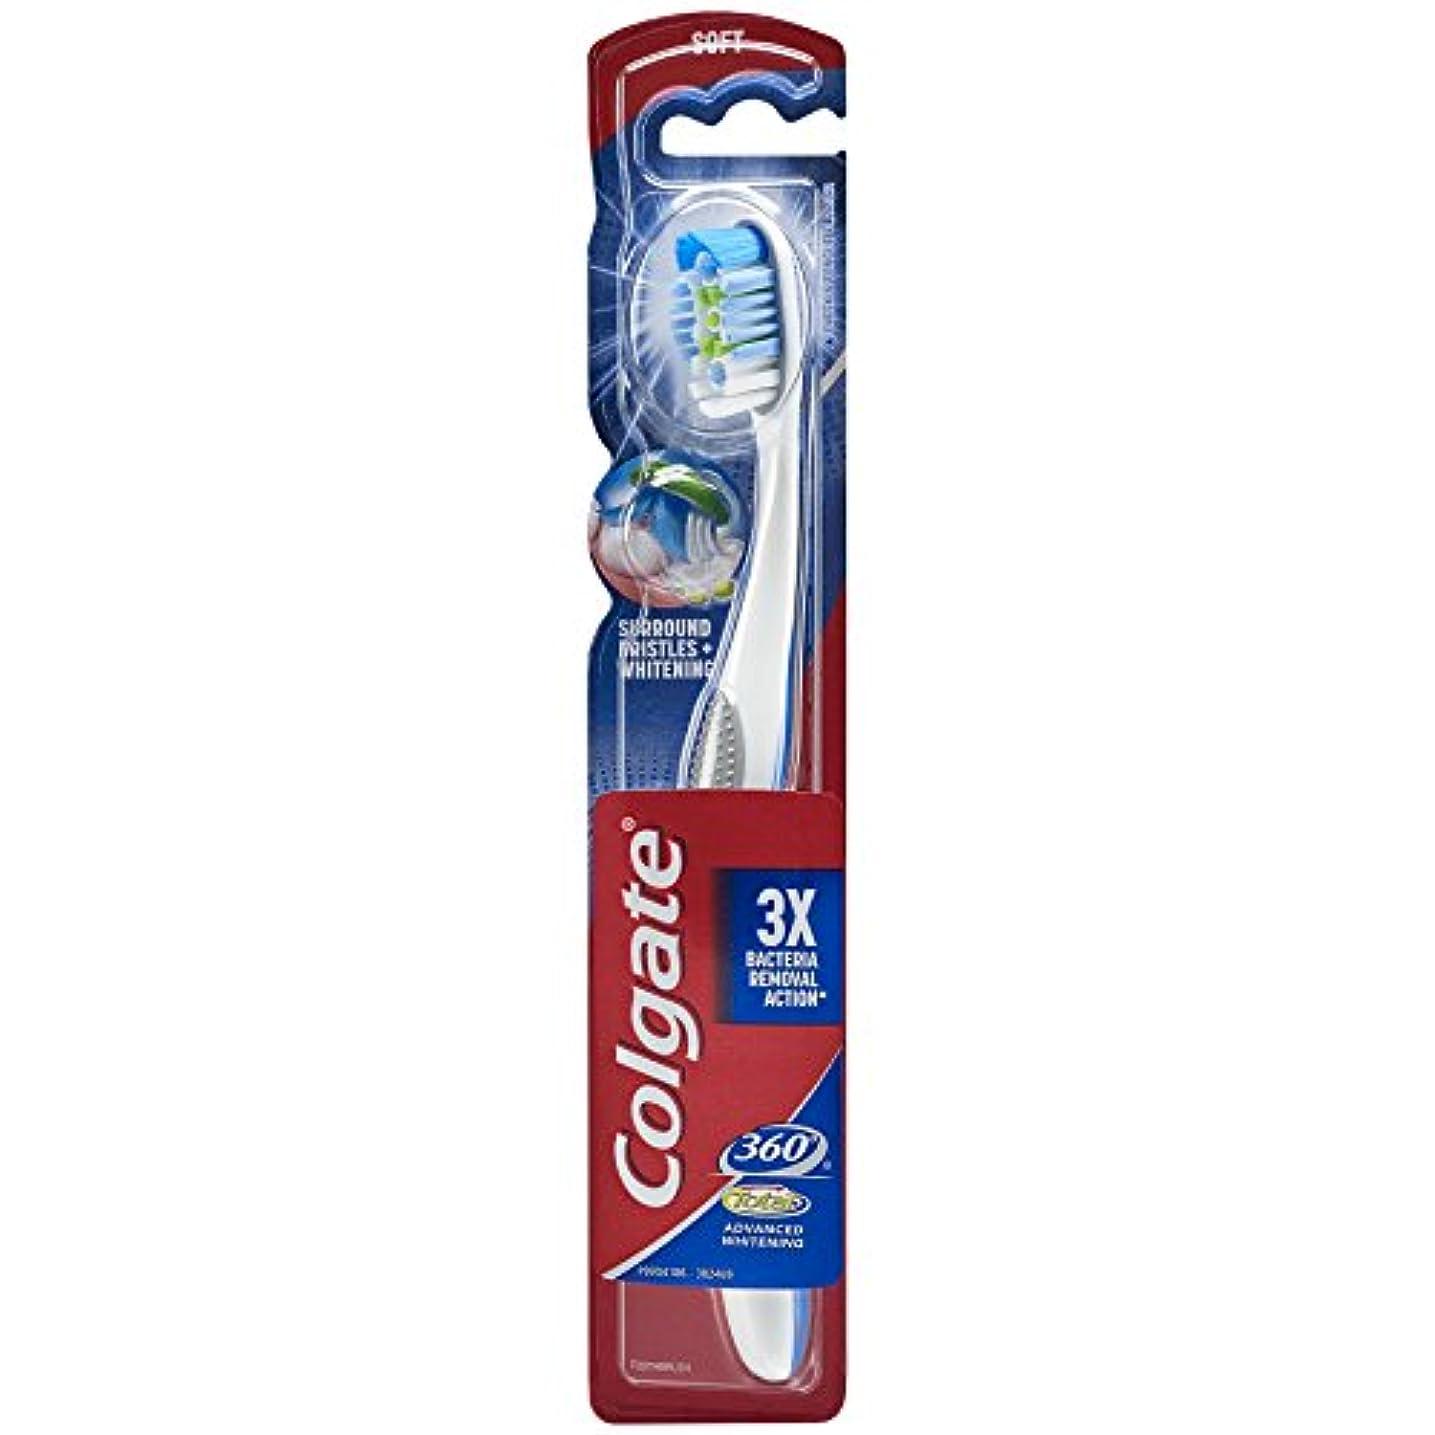 除去アブセイ熱帯のColgate 360合計アドバンスト完全な頭部歯ブラシ、ソフト(1パック) 1パック